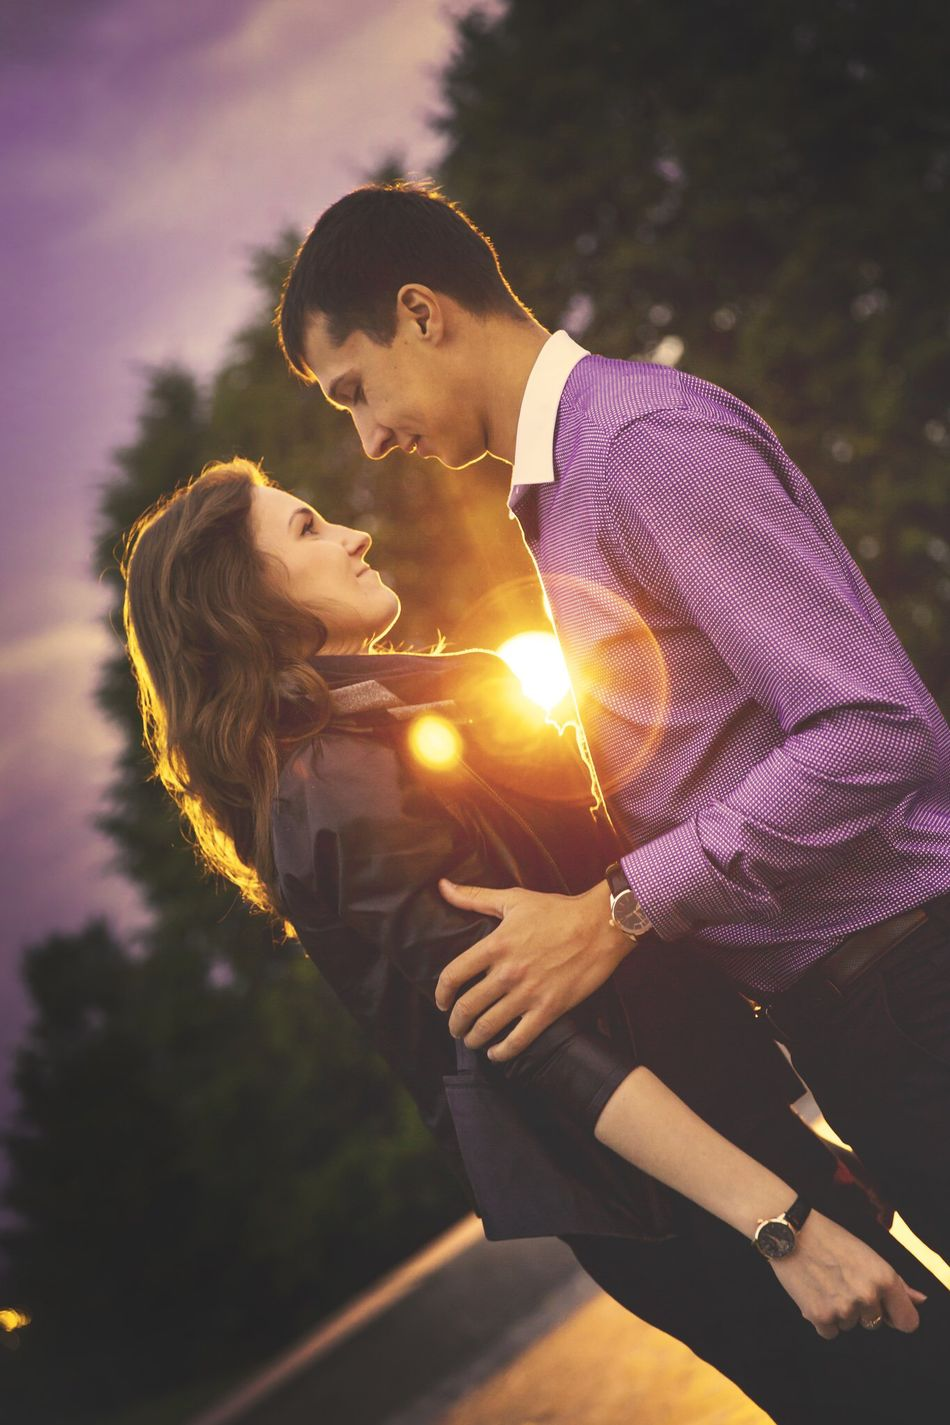 Дмитров Love Lovestory влюбленные лавстори любовь СЧАСТЬЕ парочка красиво мило